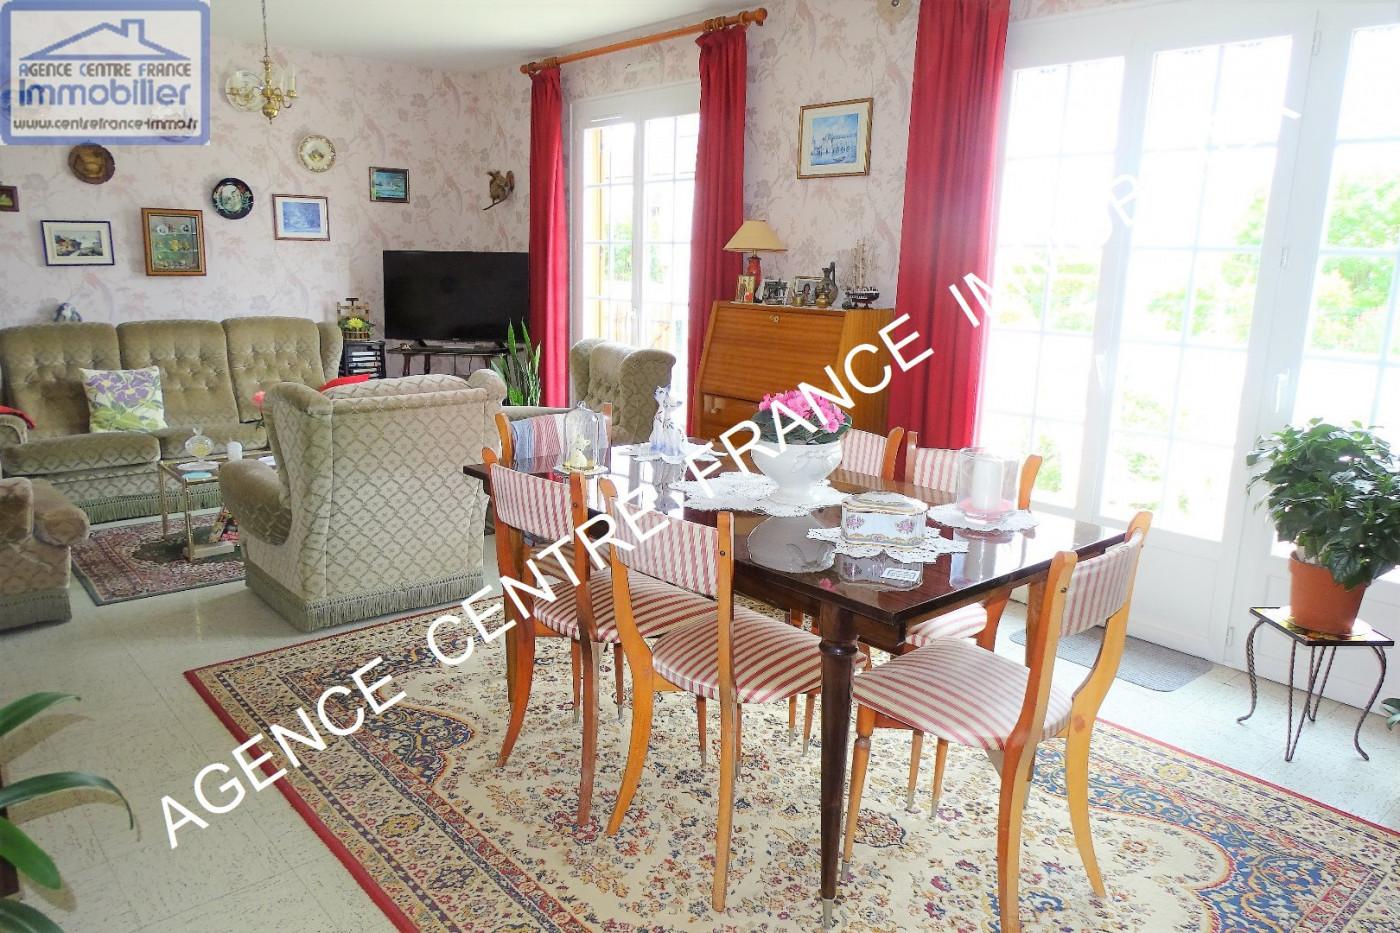 A vendre  Saint Doulchard | Réf 030011540 - Agence centre france immobilier